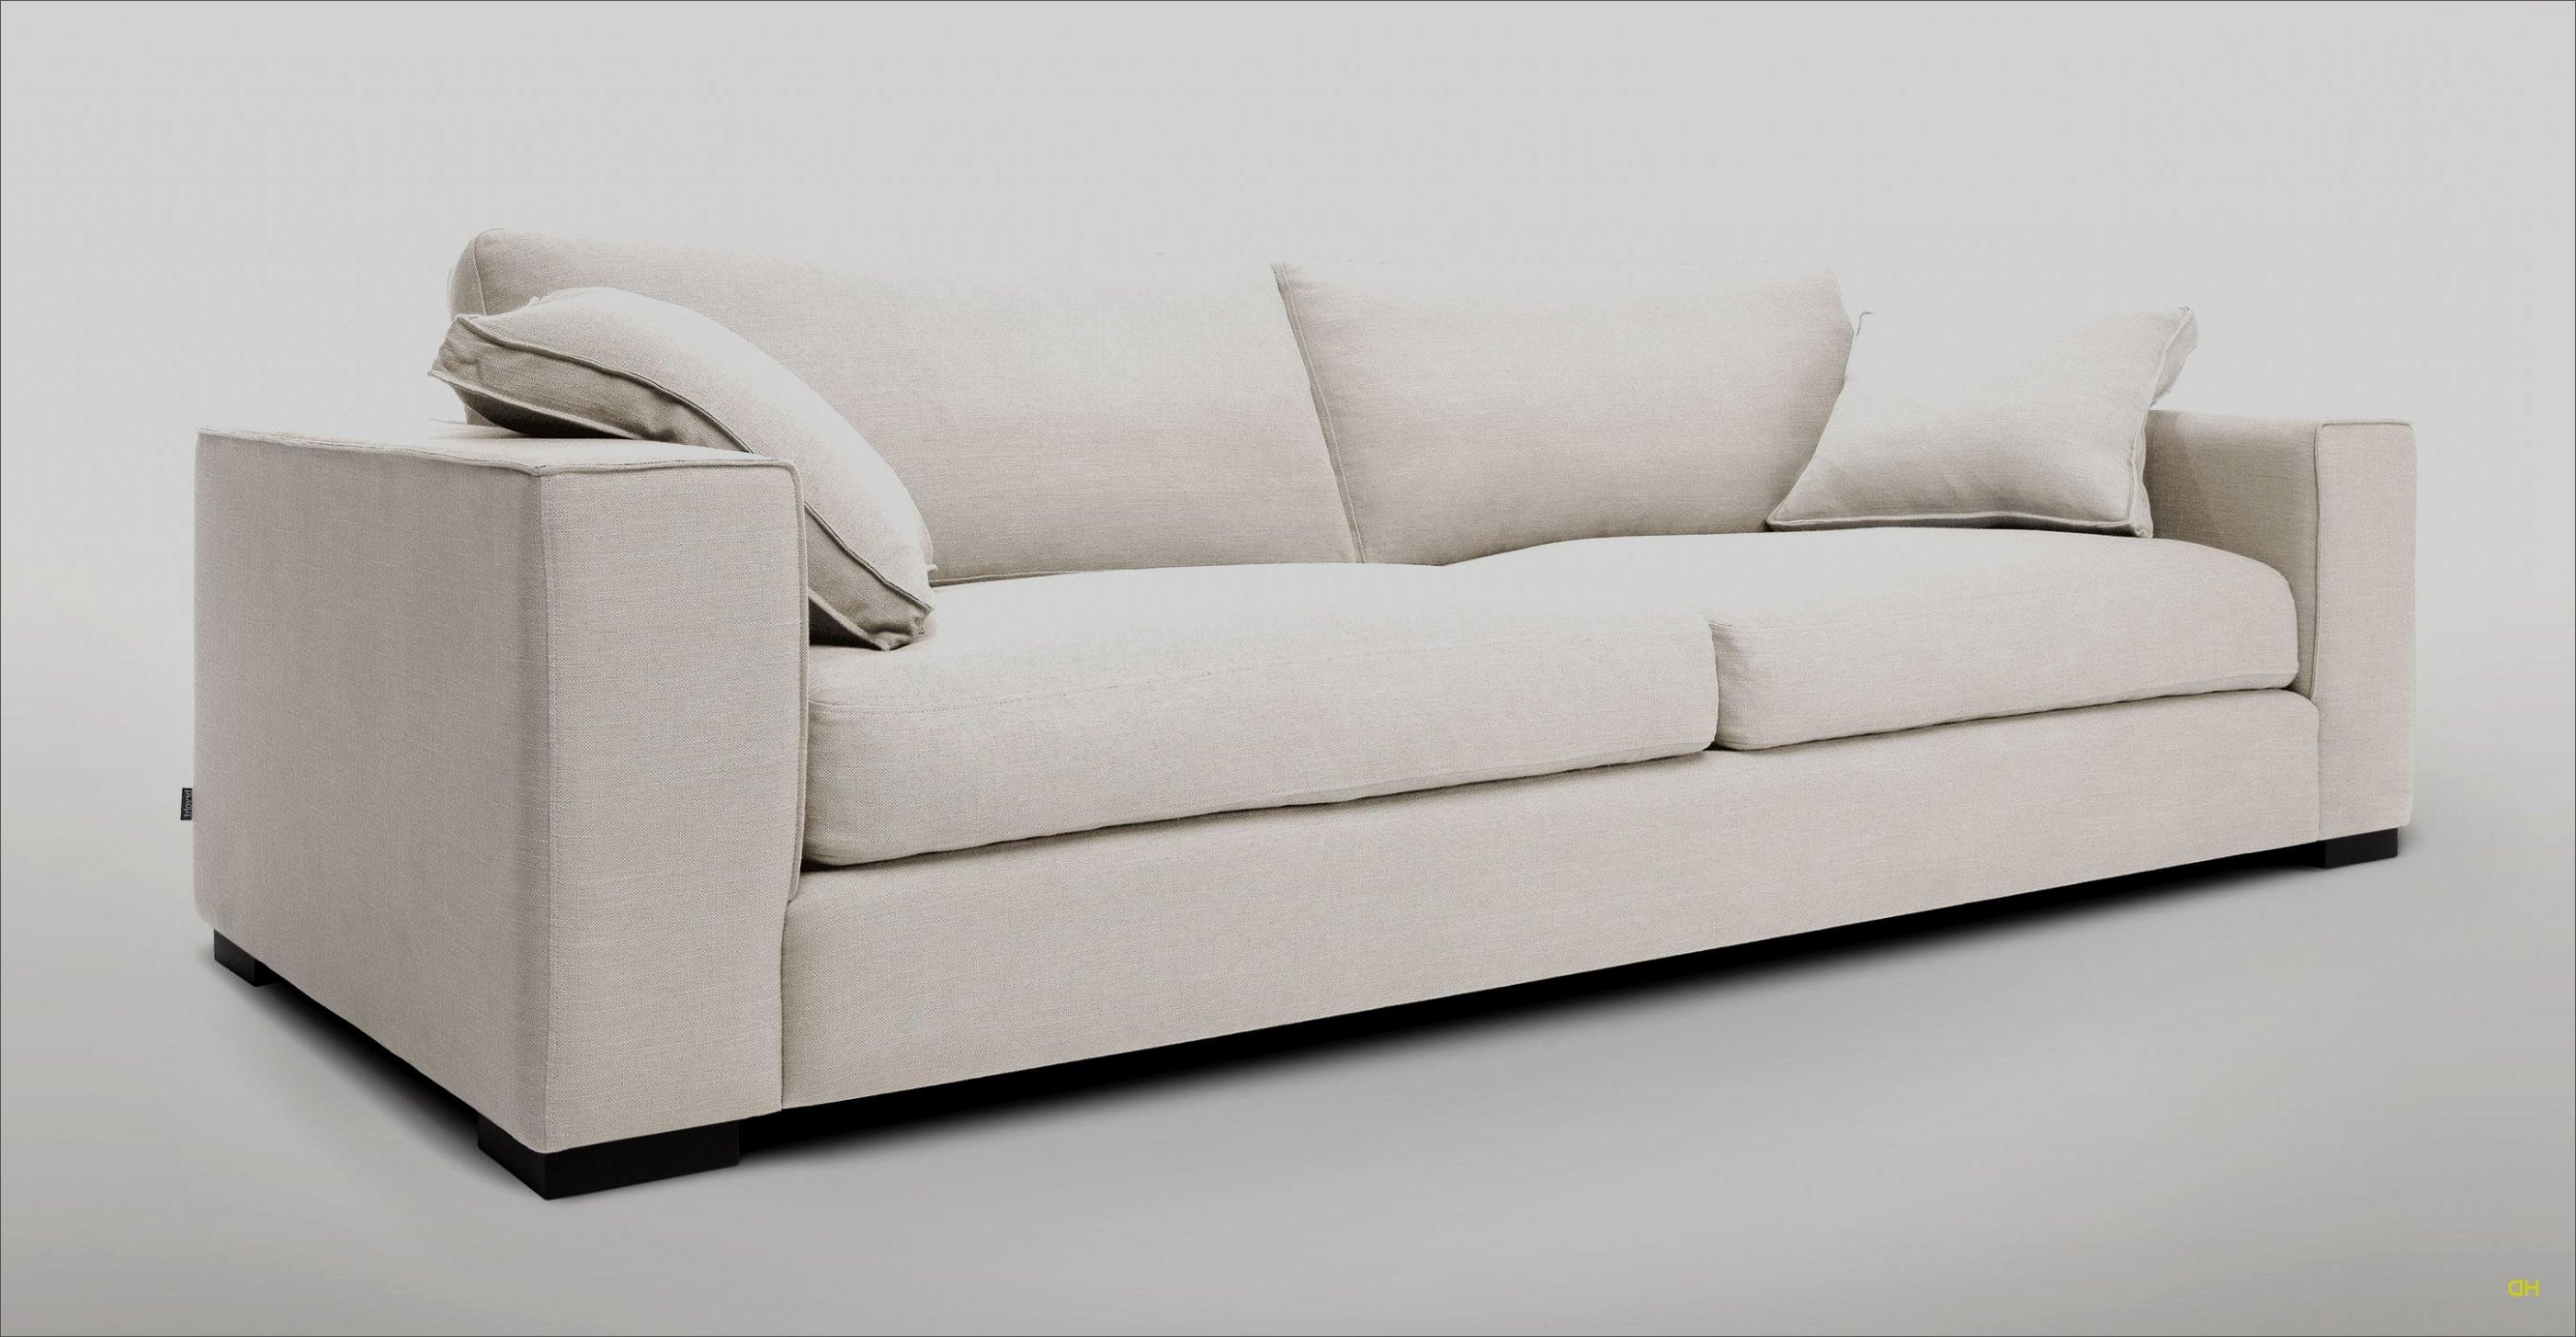 Ikea sofas Modulares Xtd6 sofas Modulares Conforama Vaste Ikea Zweiersofa Inspirierend Elegant